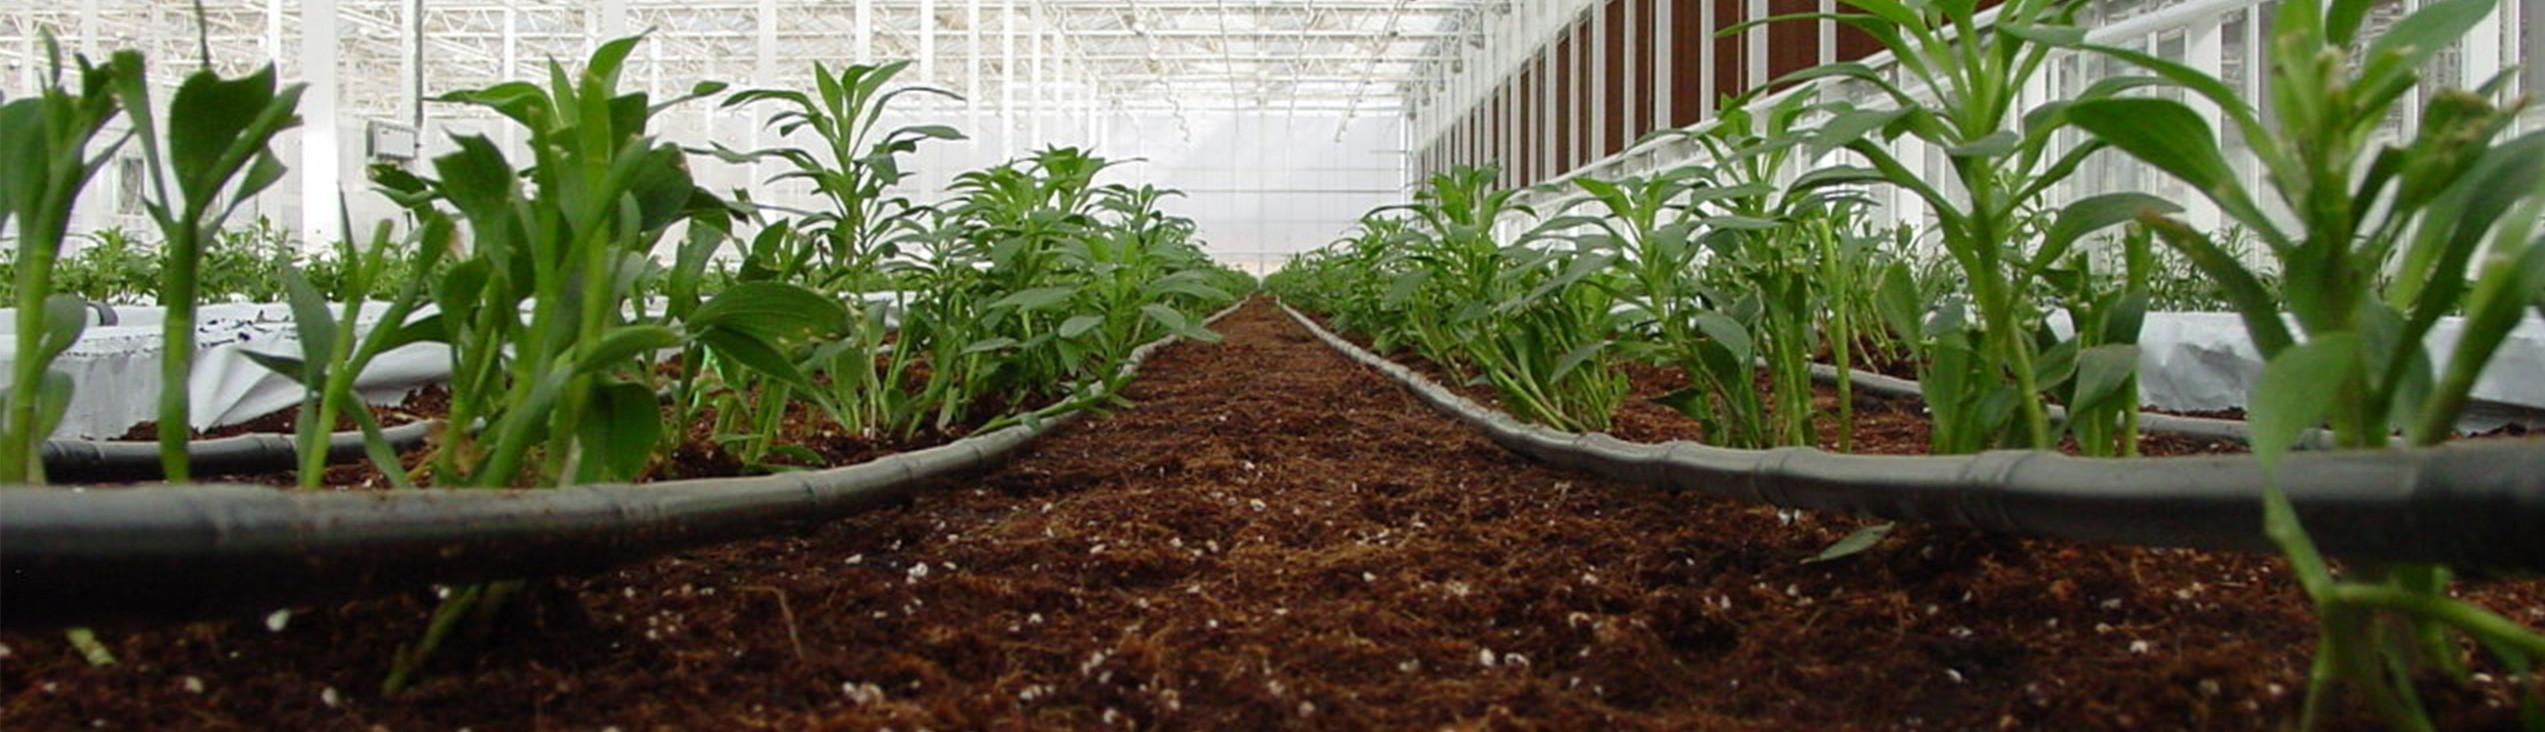 Tropfbewässerung für Kulturen von der Green Fox Service AG